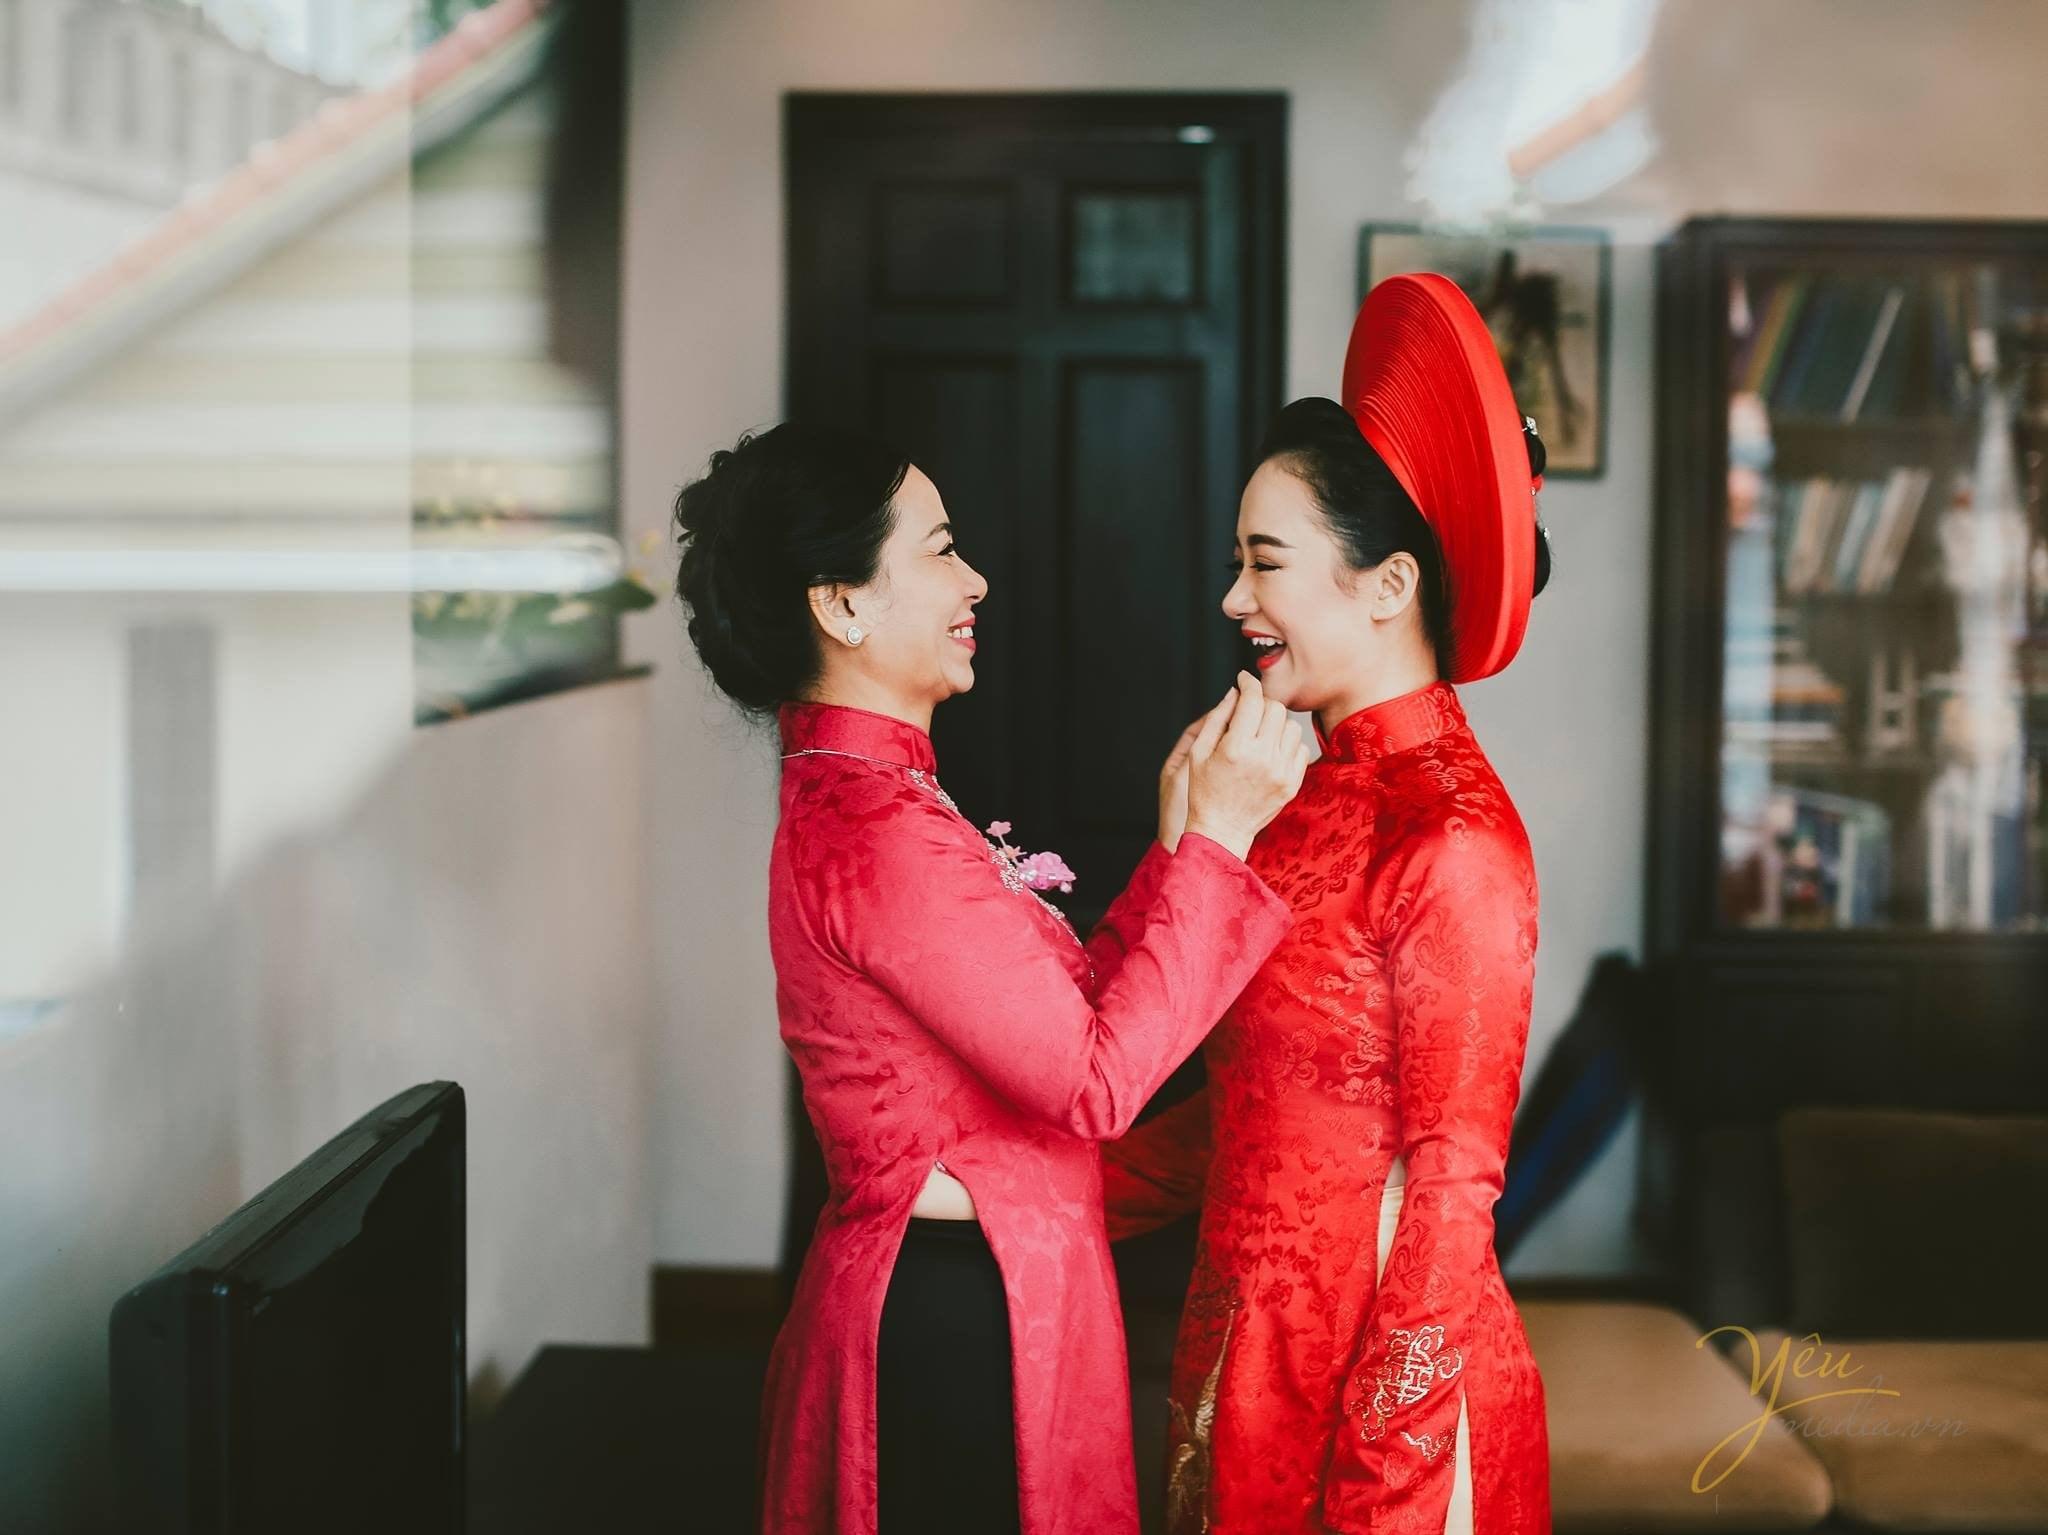 ảnh phóng sự cưới tại nhà cô dâu trước giờ đón dâu mẹ hỏi han con gái